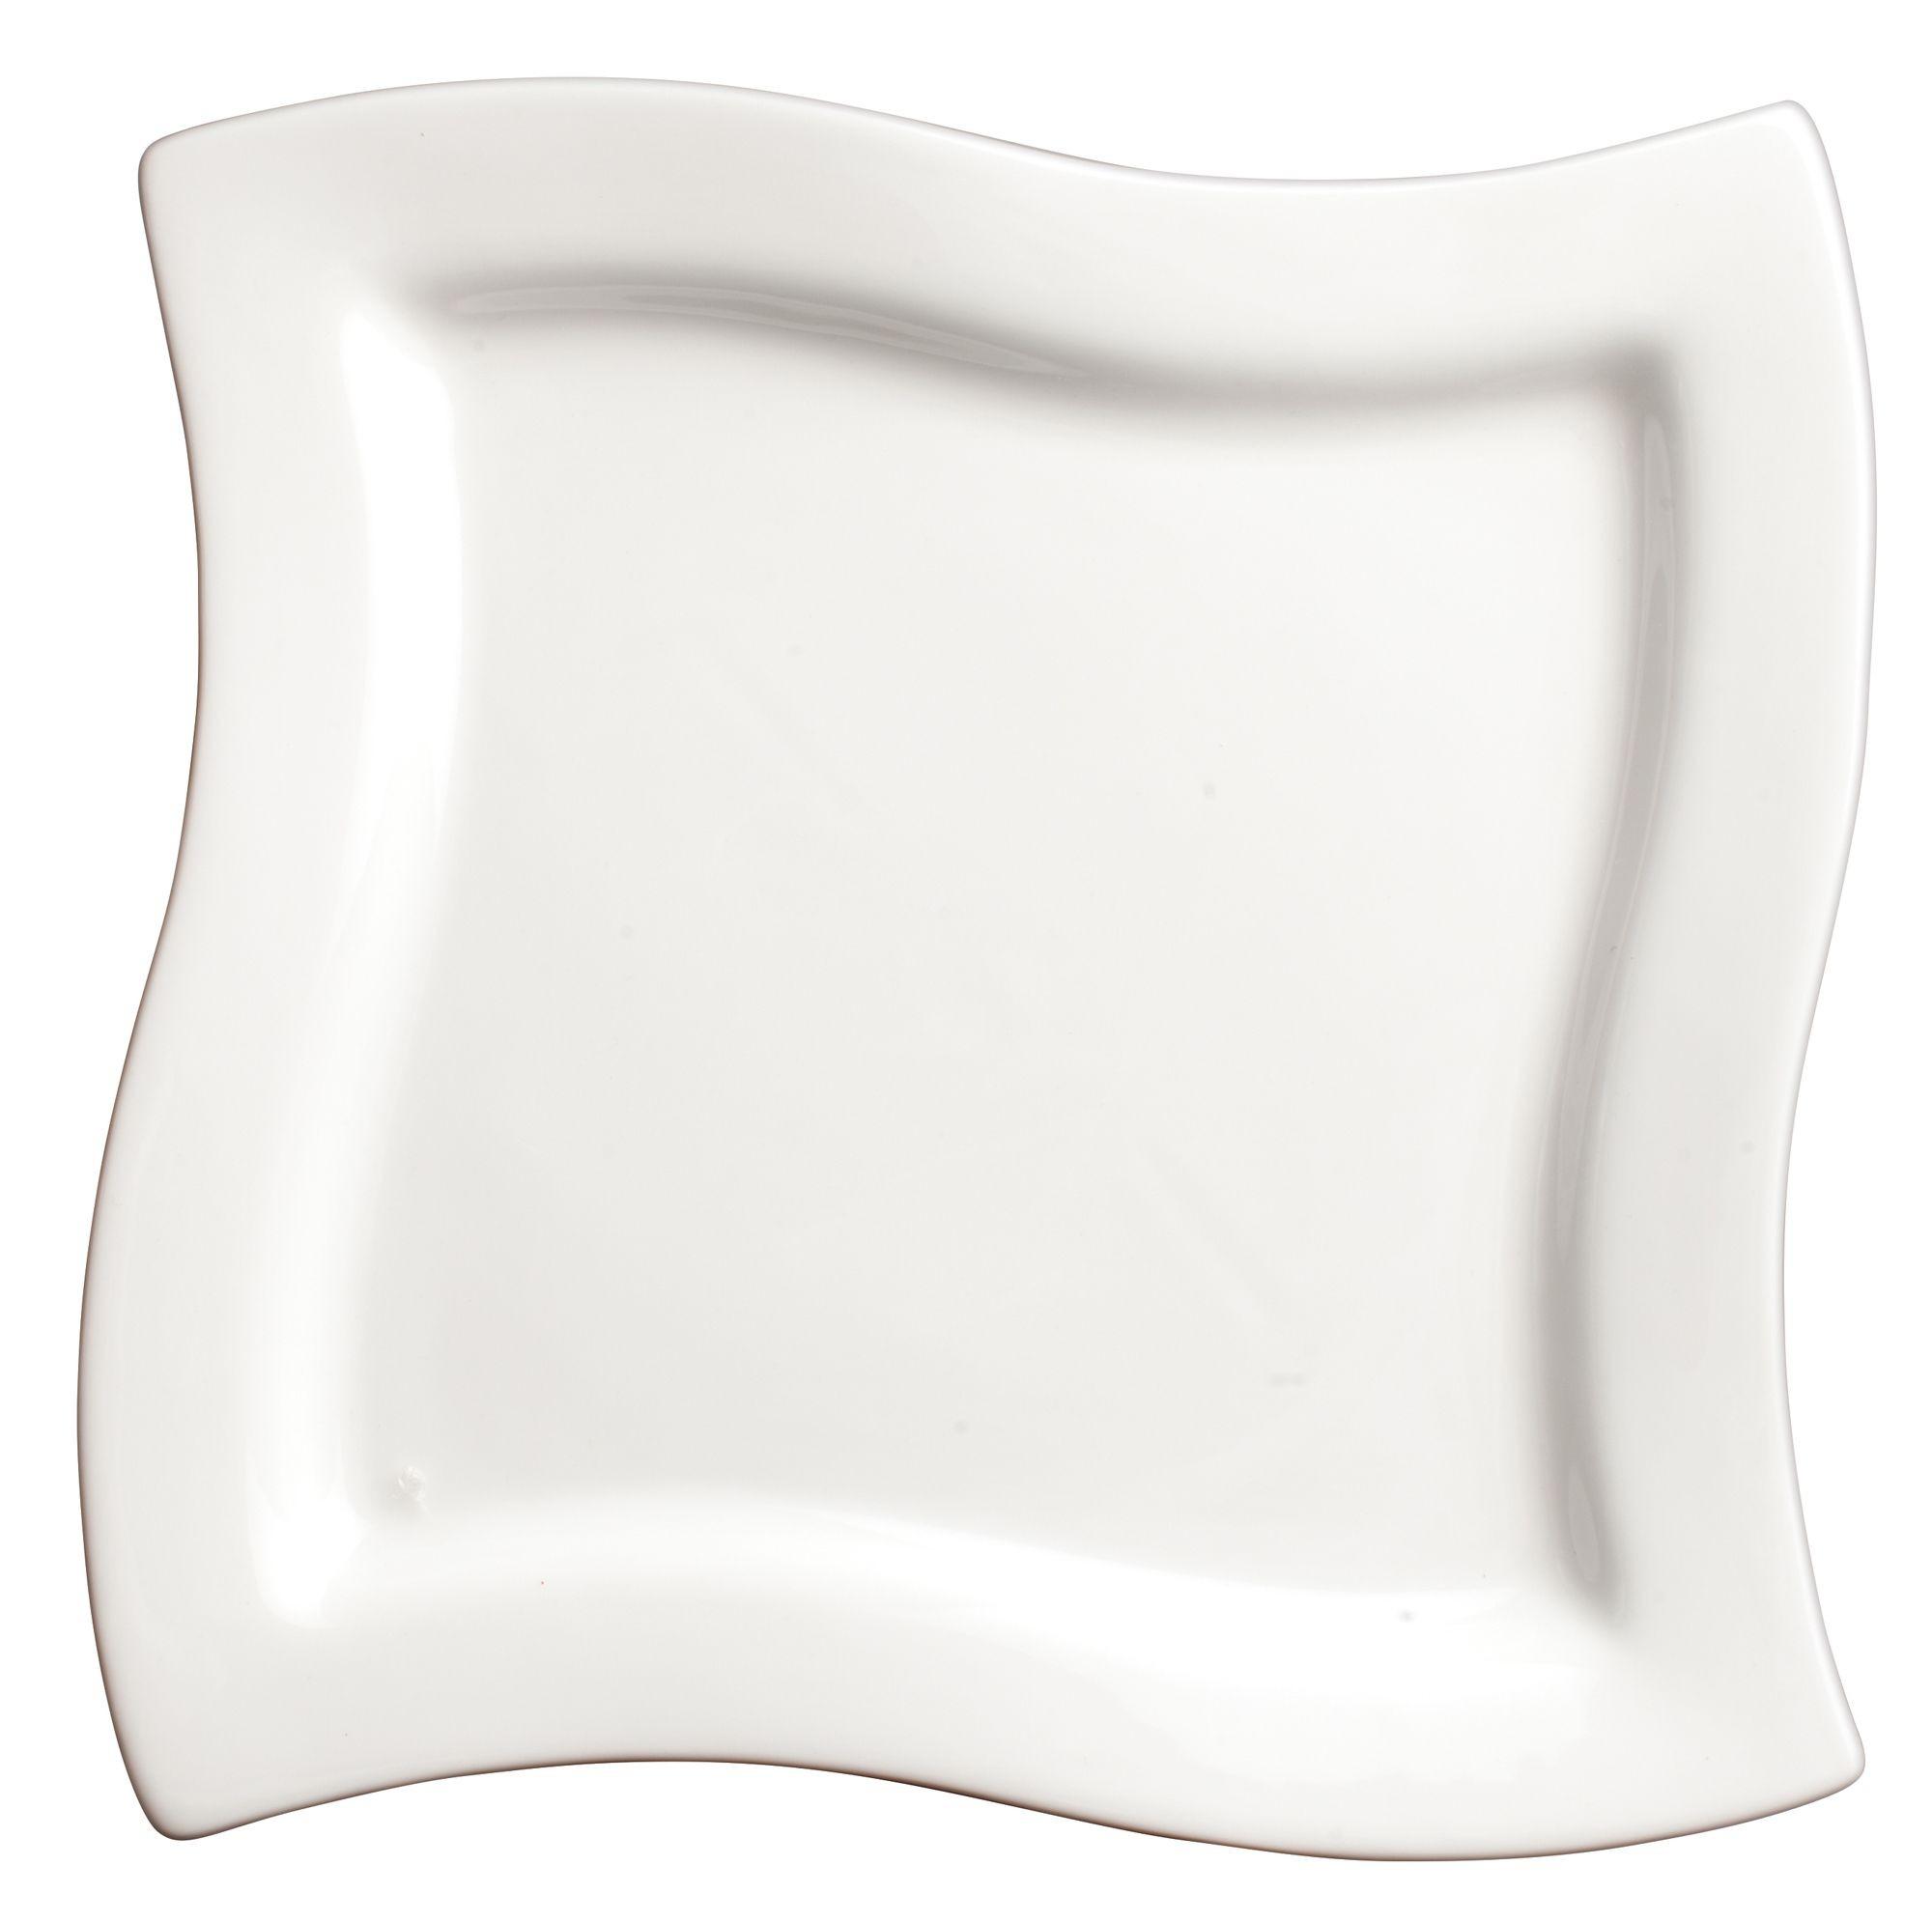 """Winco WDP011-102 Cramont Porcelain Bright White Square Plate 7-1/2"""""""